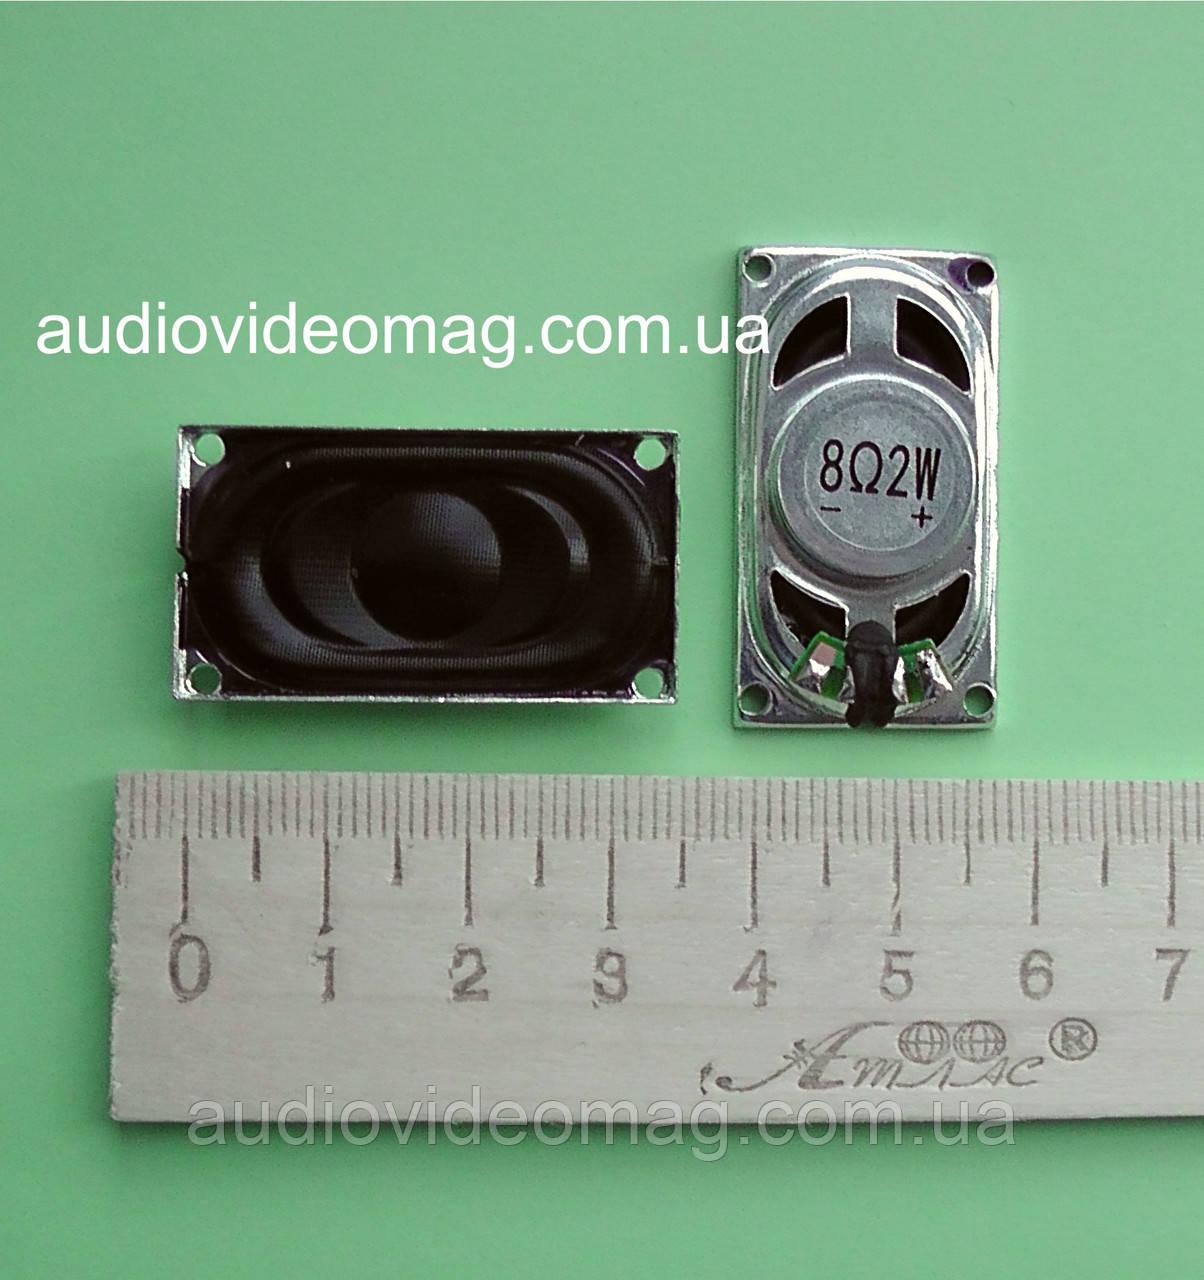 Мини динамик, прямоугольный, Ω 8 Ом, 2 Вт, 20 х 35 мм, металлический